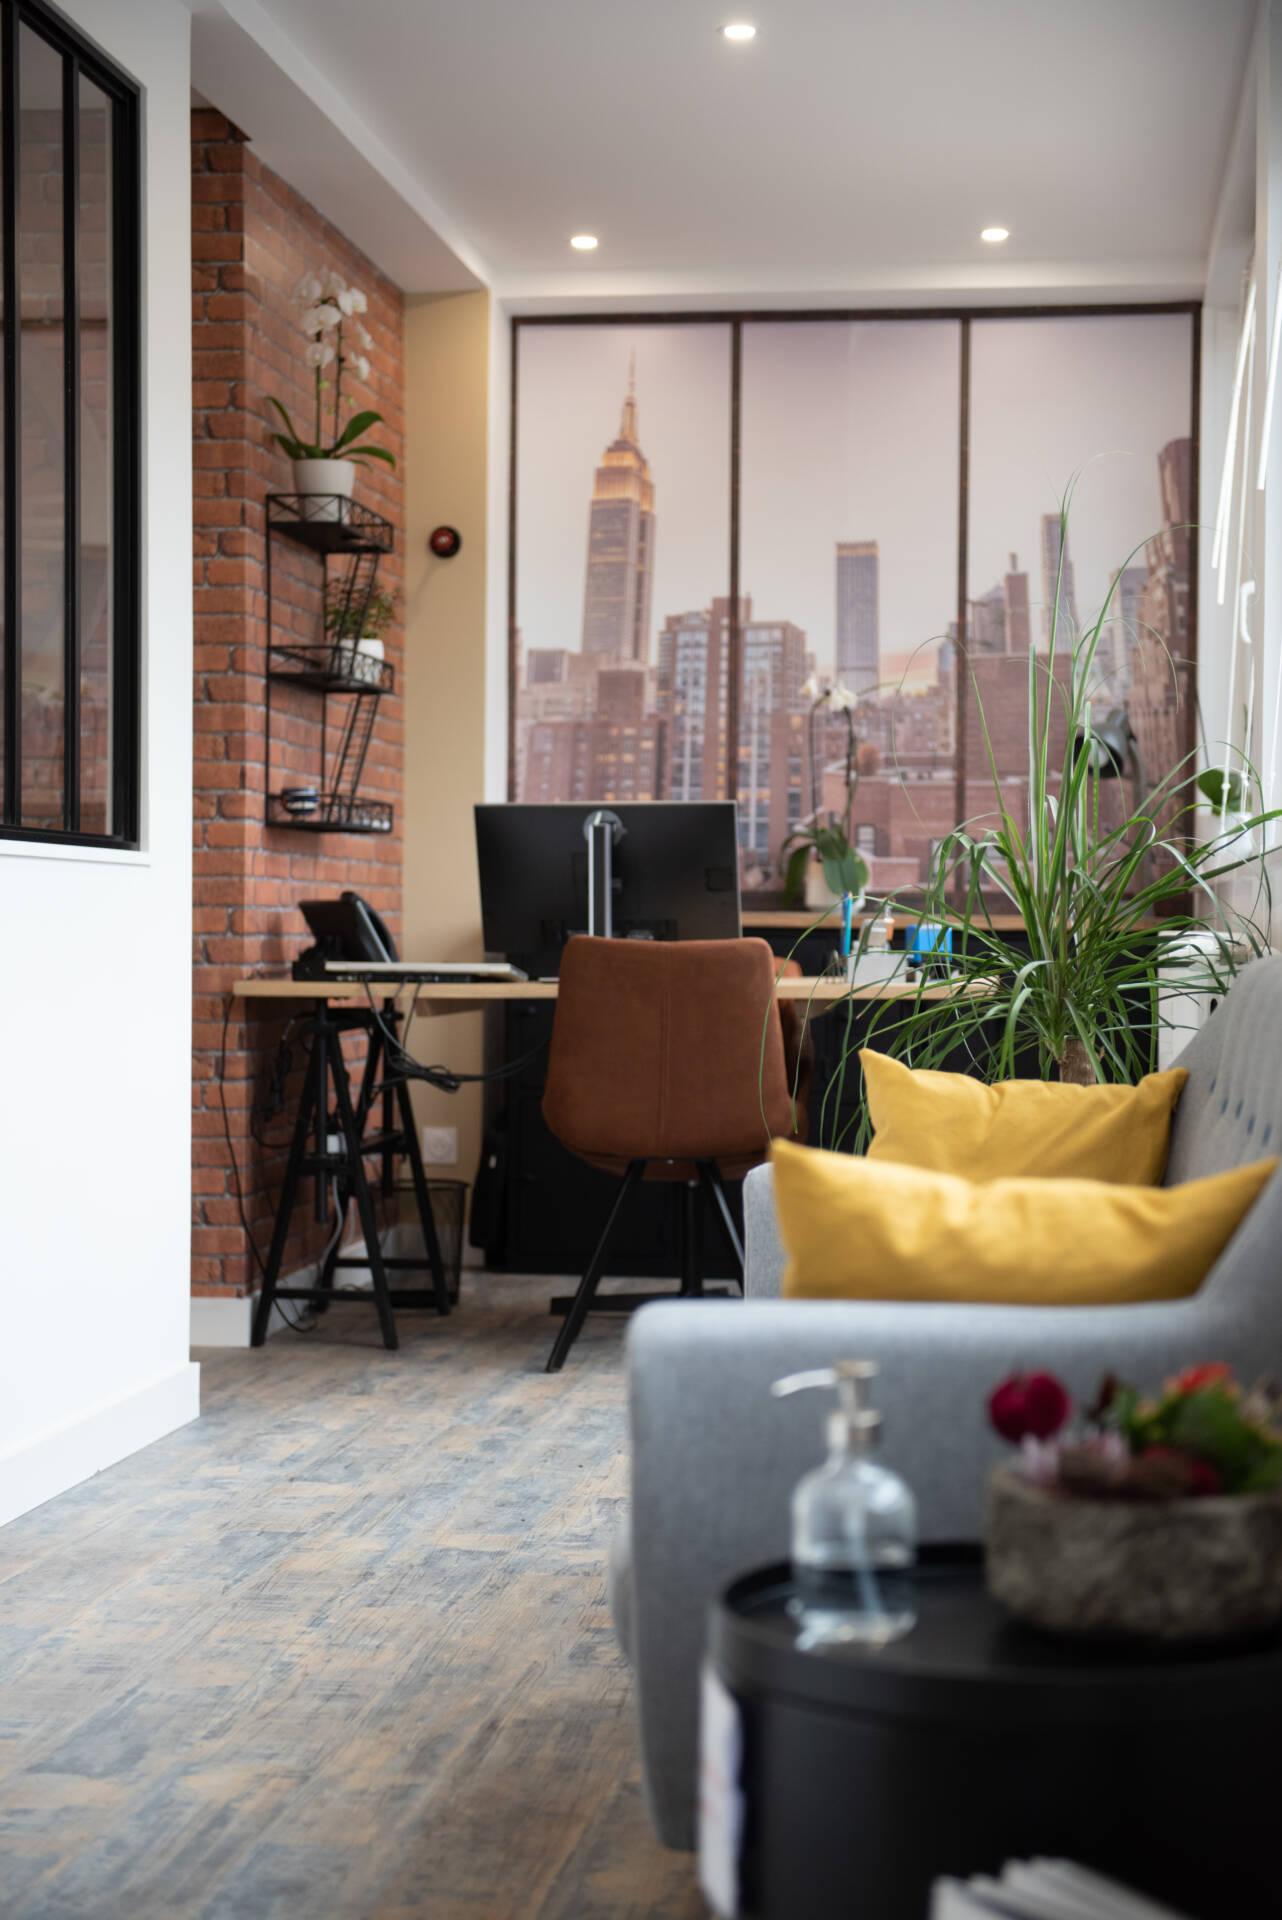 Renovation agence immobiliere - panoramique Brooklyn, par Happy Décoration, Cécile Nantillet, Décoratrice d'Intérieur à Besançon, Doubs 25